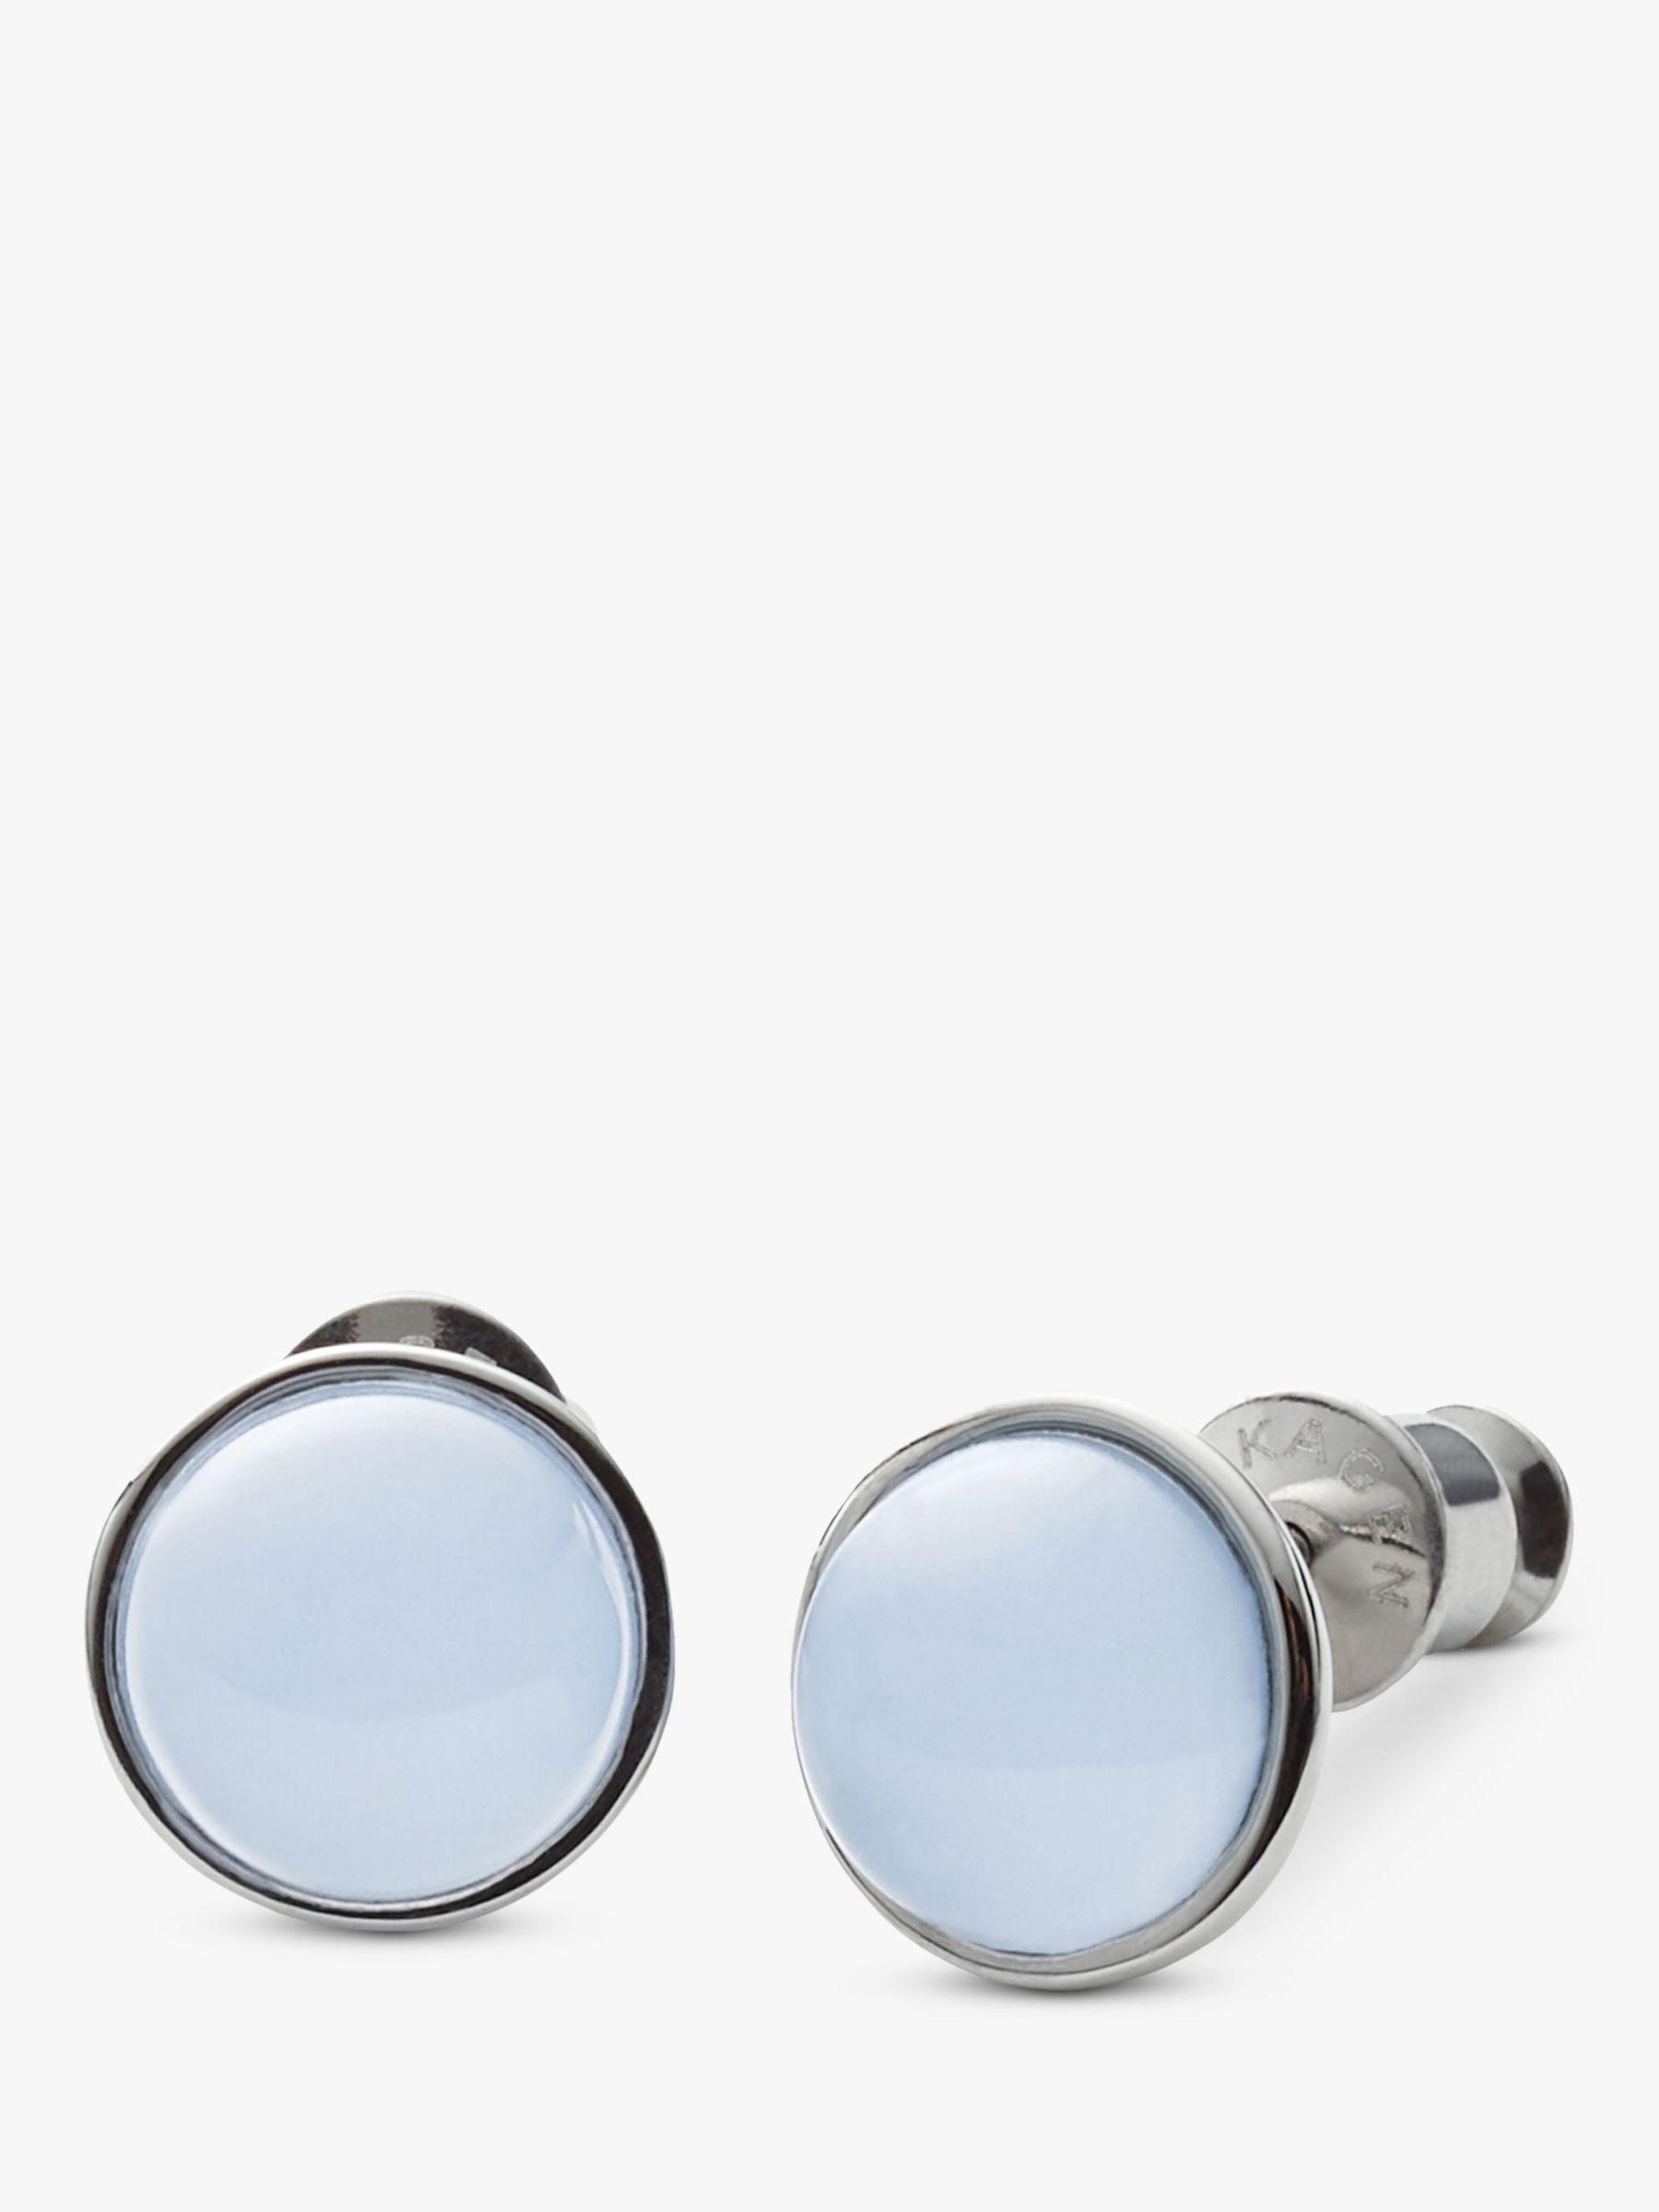 skagen Skagen Sea Glass Round Stud Earrings, Silver/Pale Blue SKJ0820040